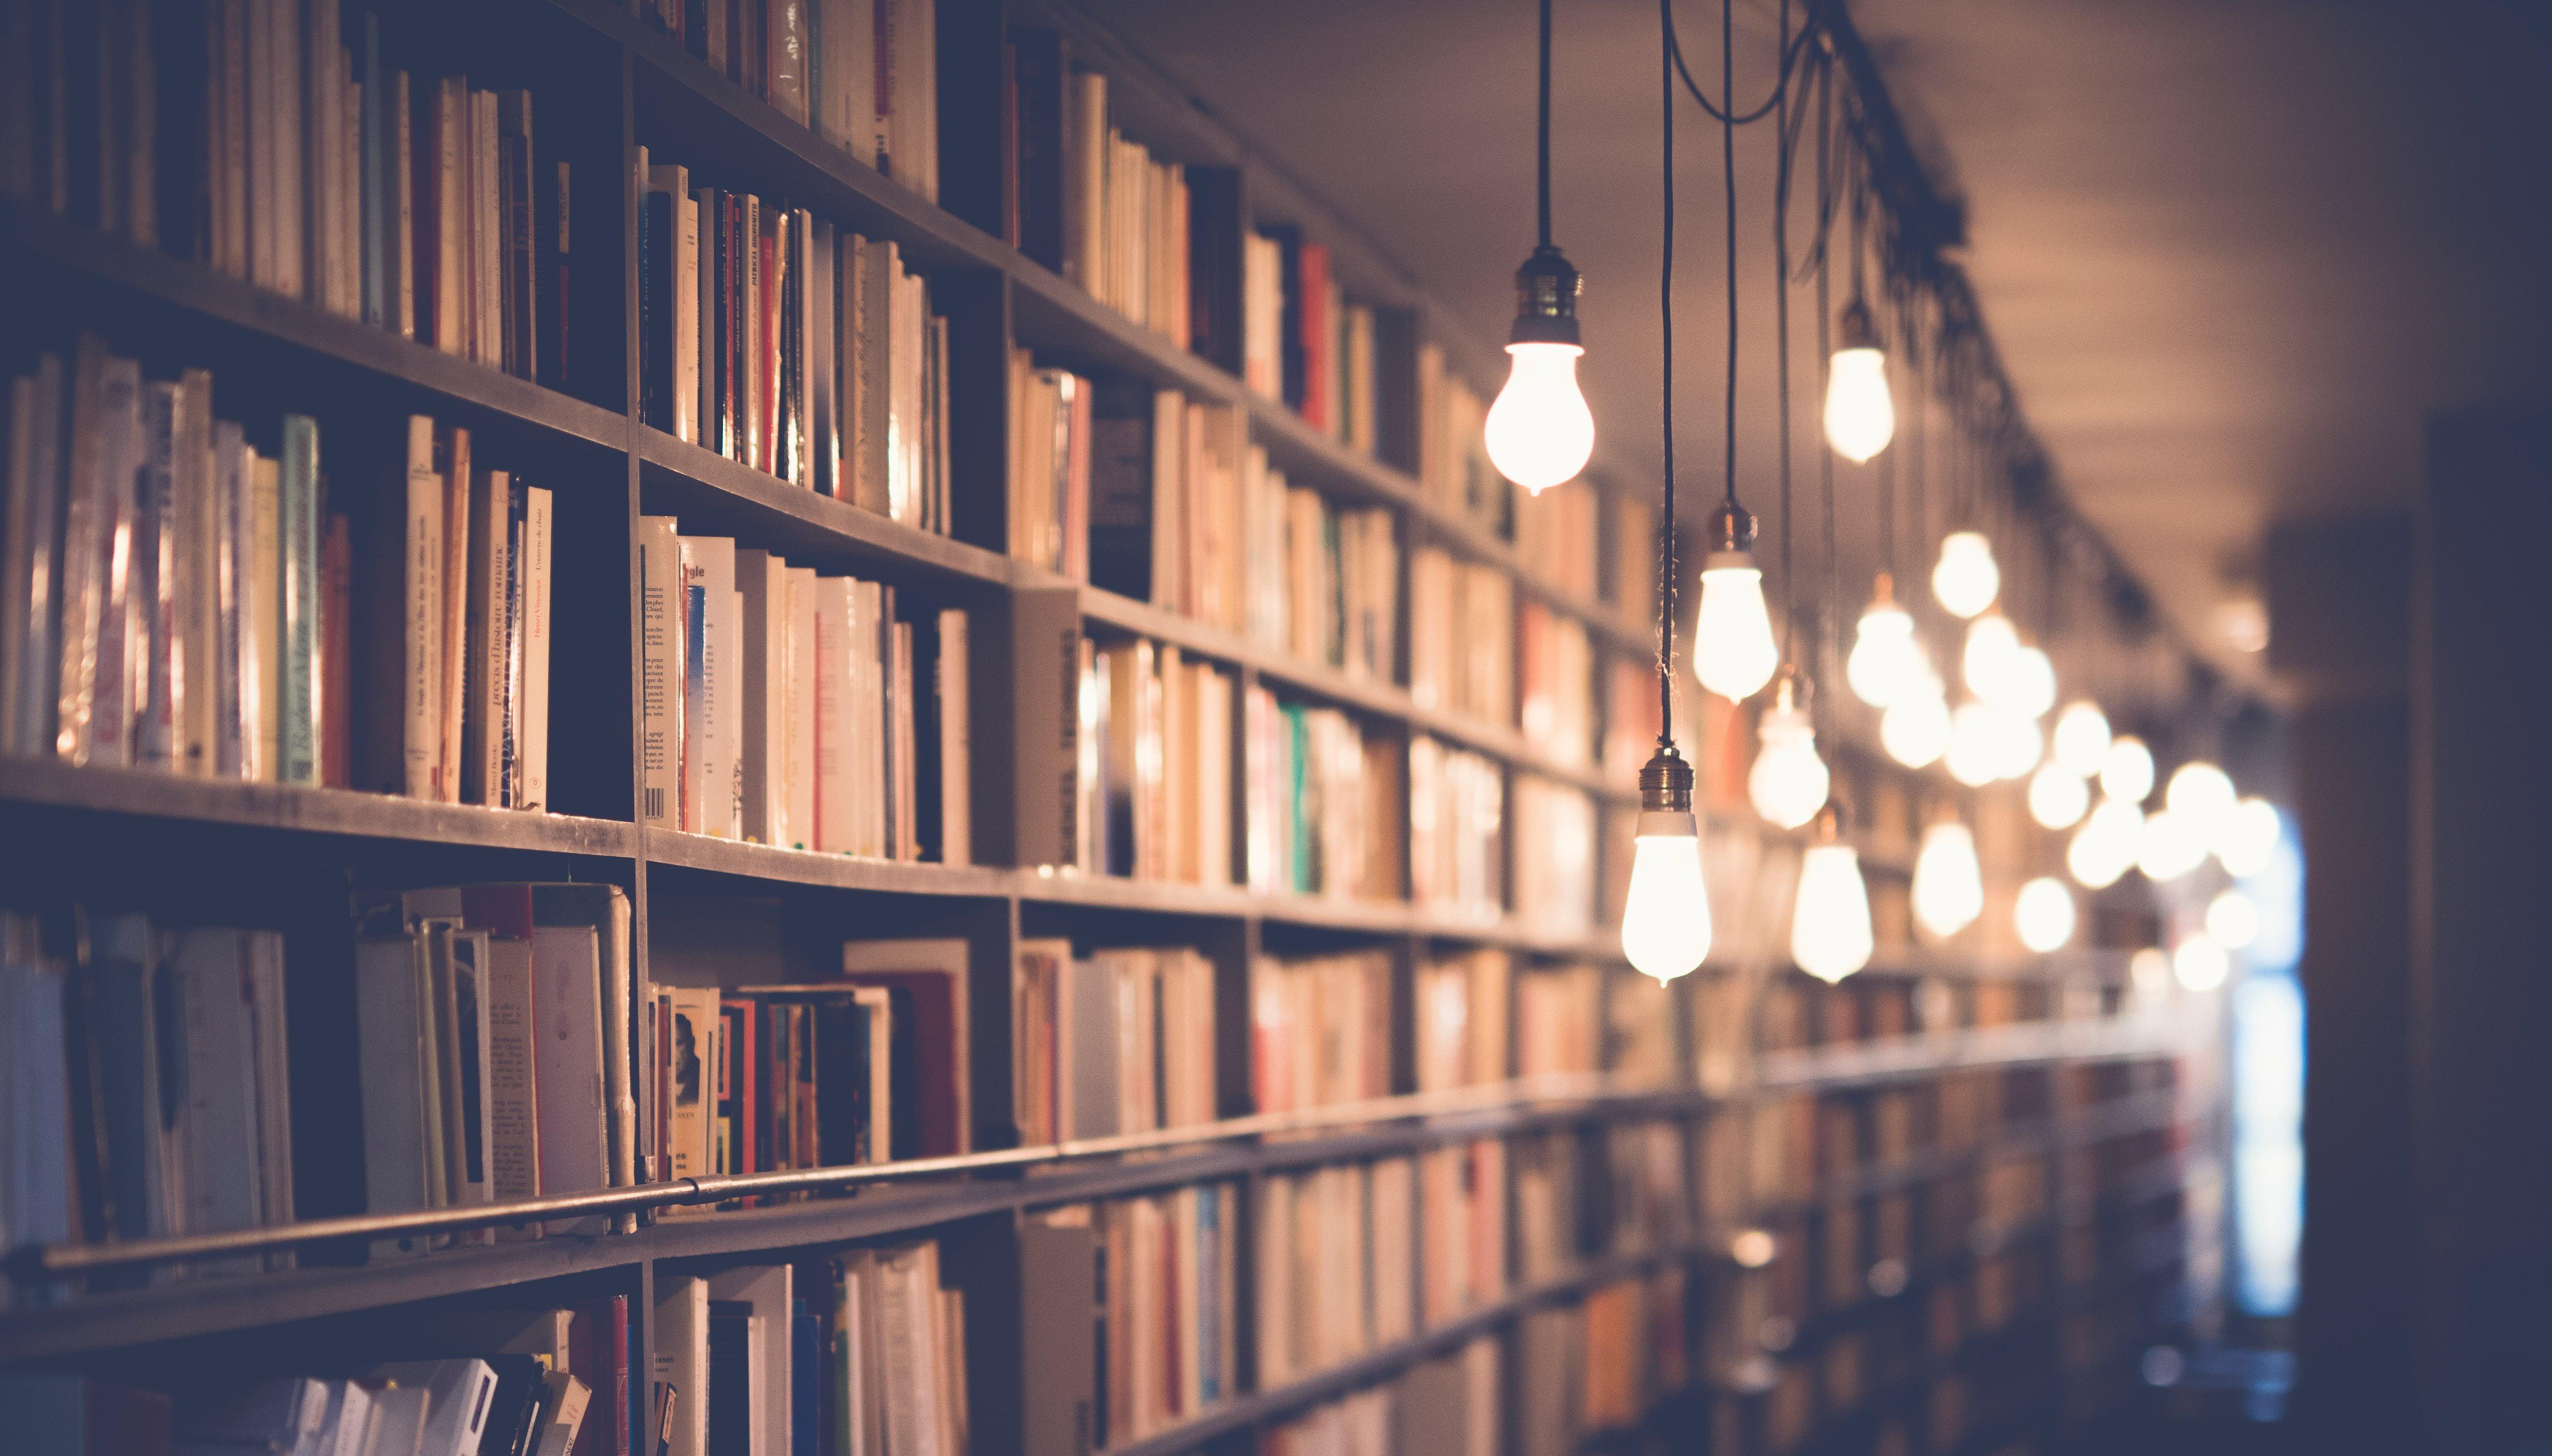 firmaowa biblioteka podręcznik vray